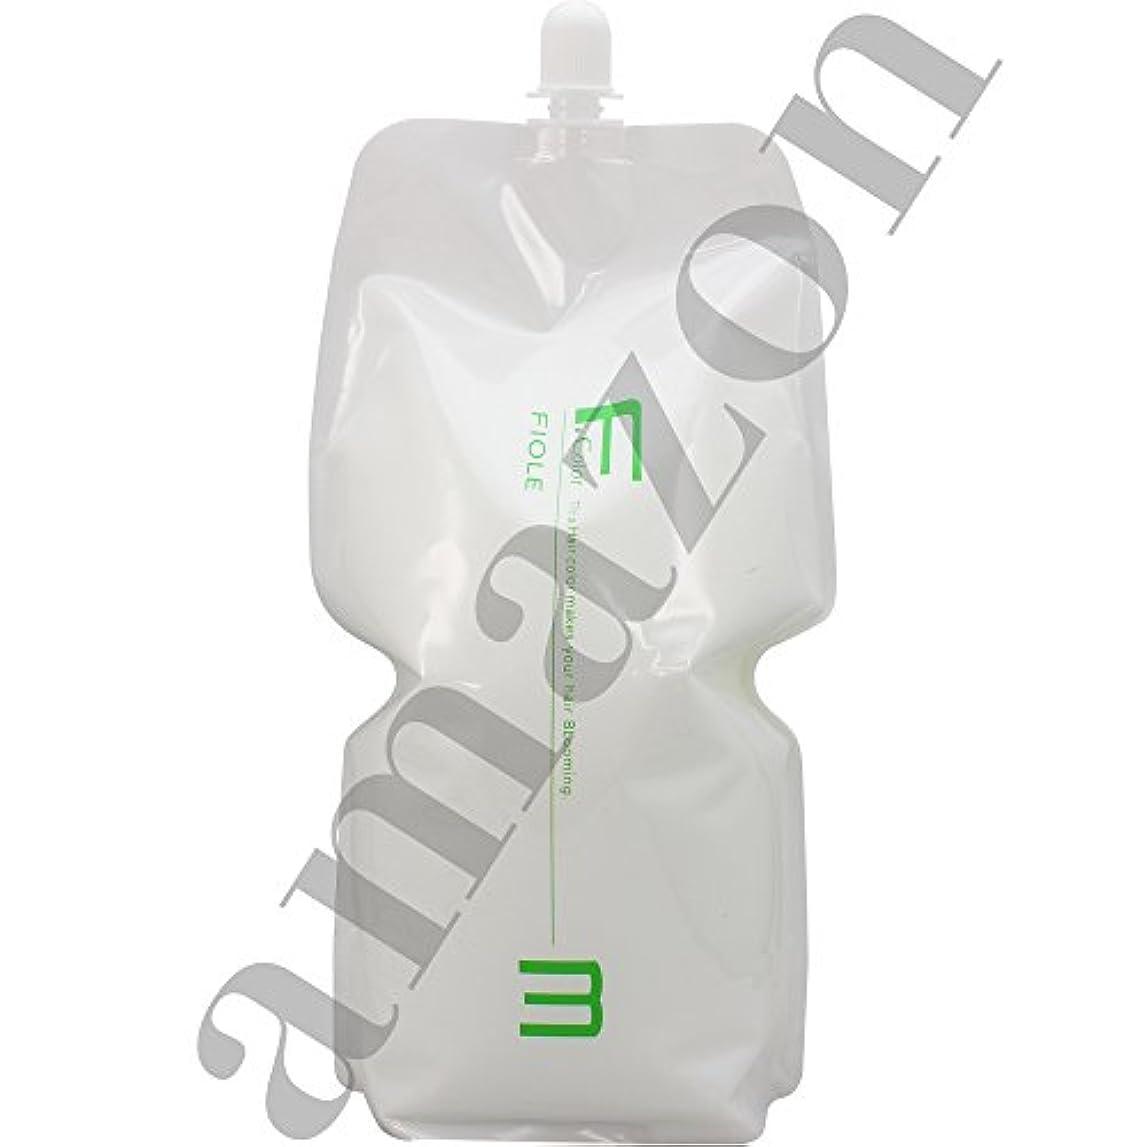 代表テクスチャークラッチフィヨーレ BLカラー OX 2000ml 染毛補助剤 第2剤 パウチ (OX3%)